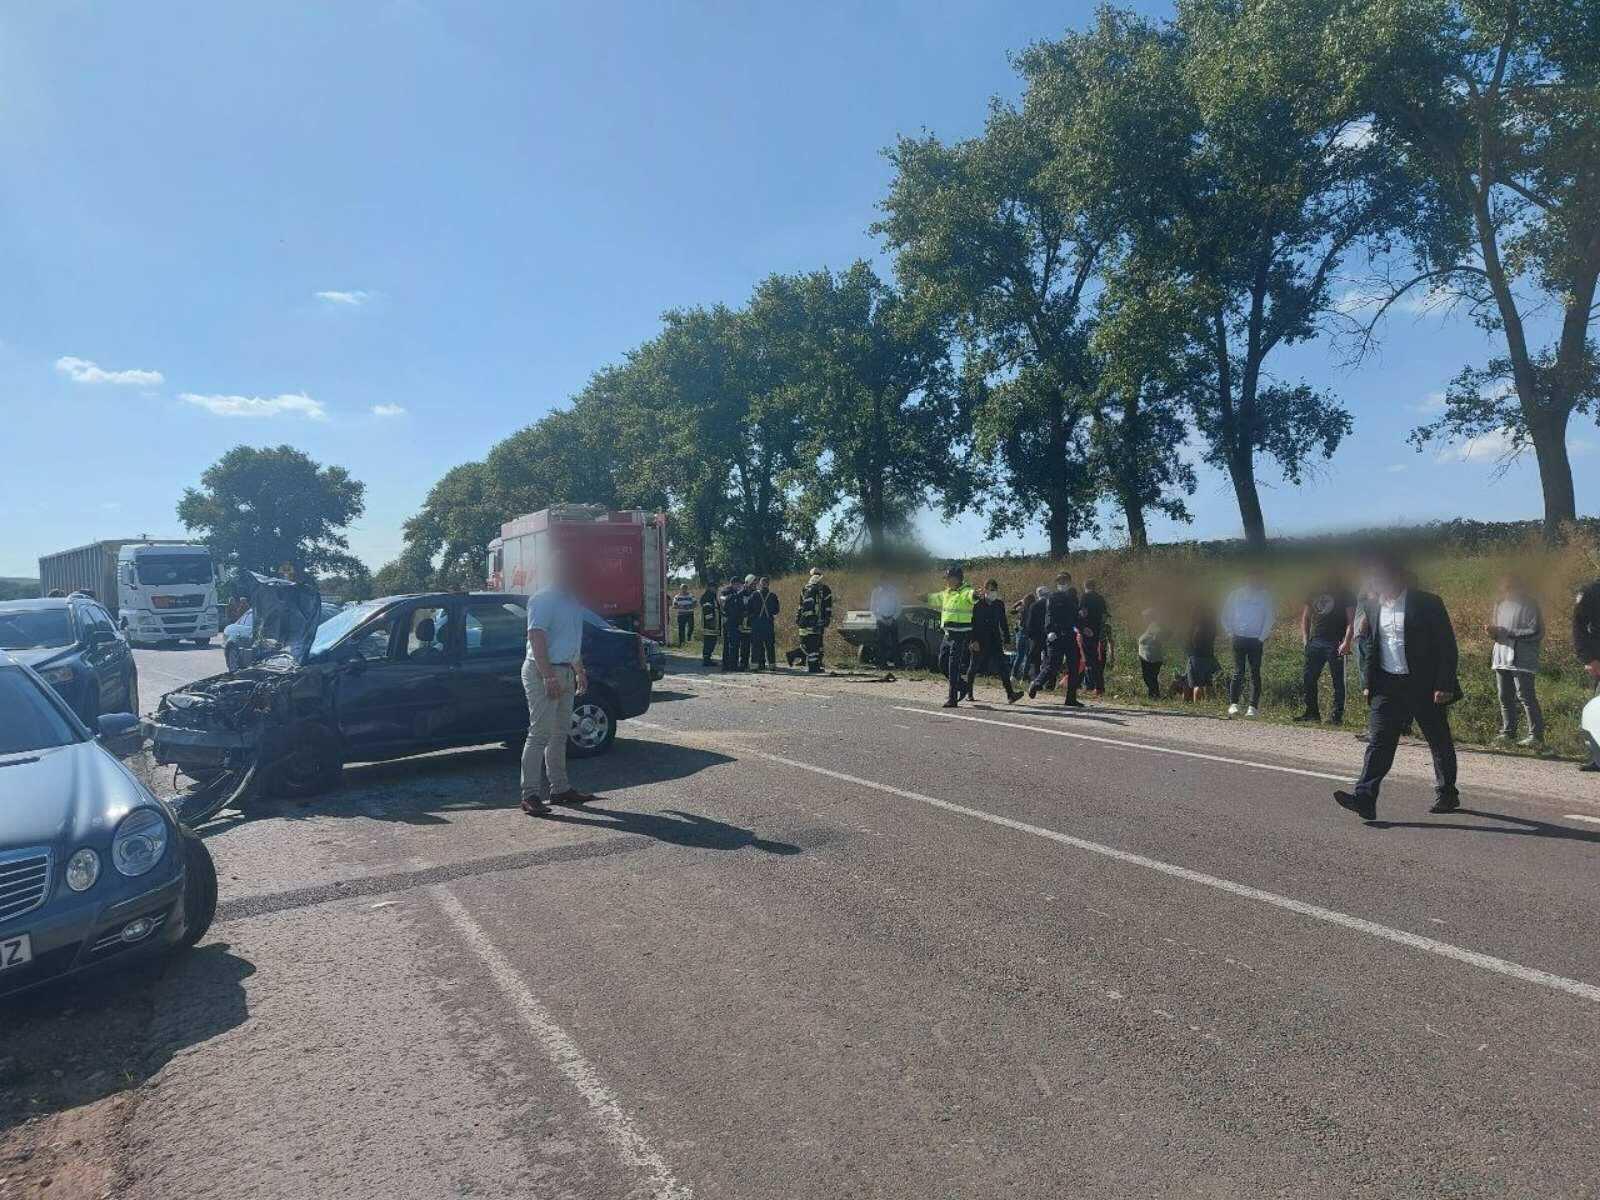 ВЕдинецком районе произошла авария. Погиб один человек (ФОТО)